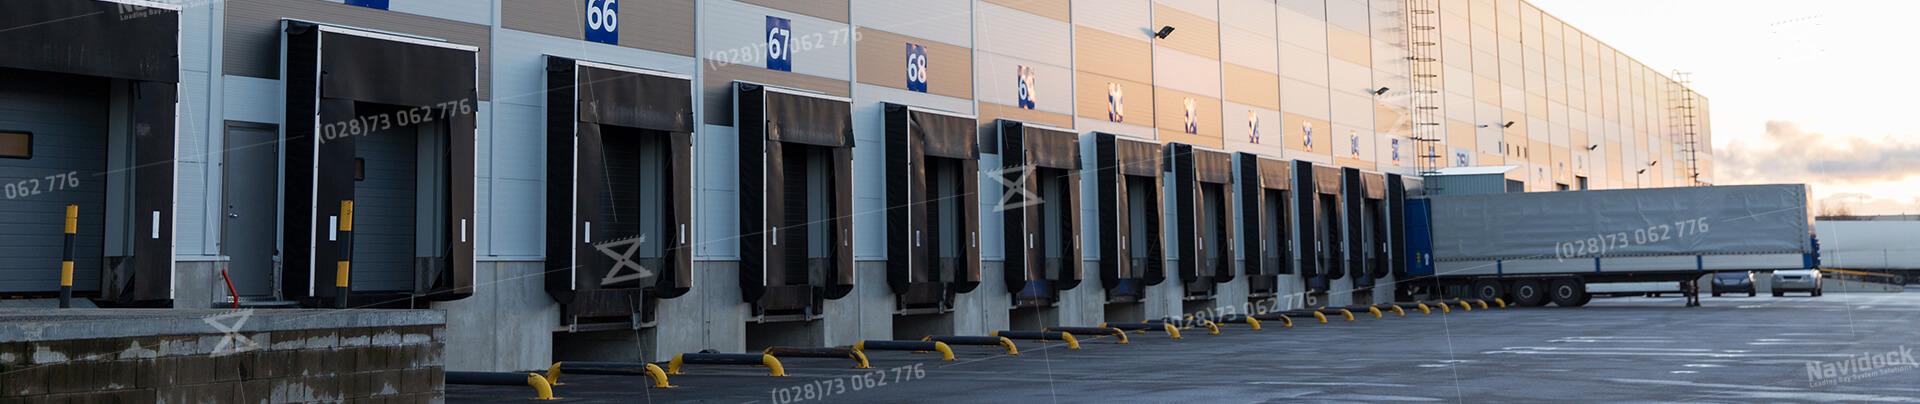 Hệ thống Dock Seal - Dock Shelter NaviDock lắp đặt tại nhà máy